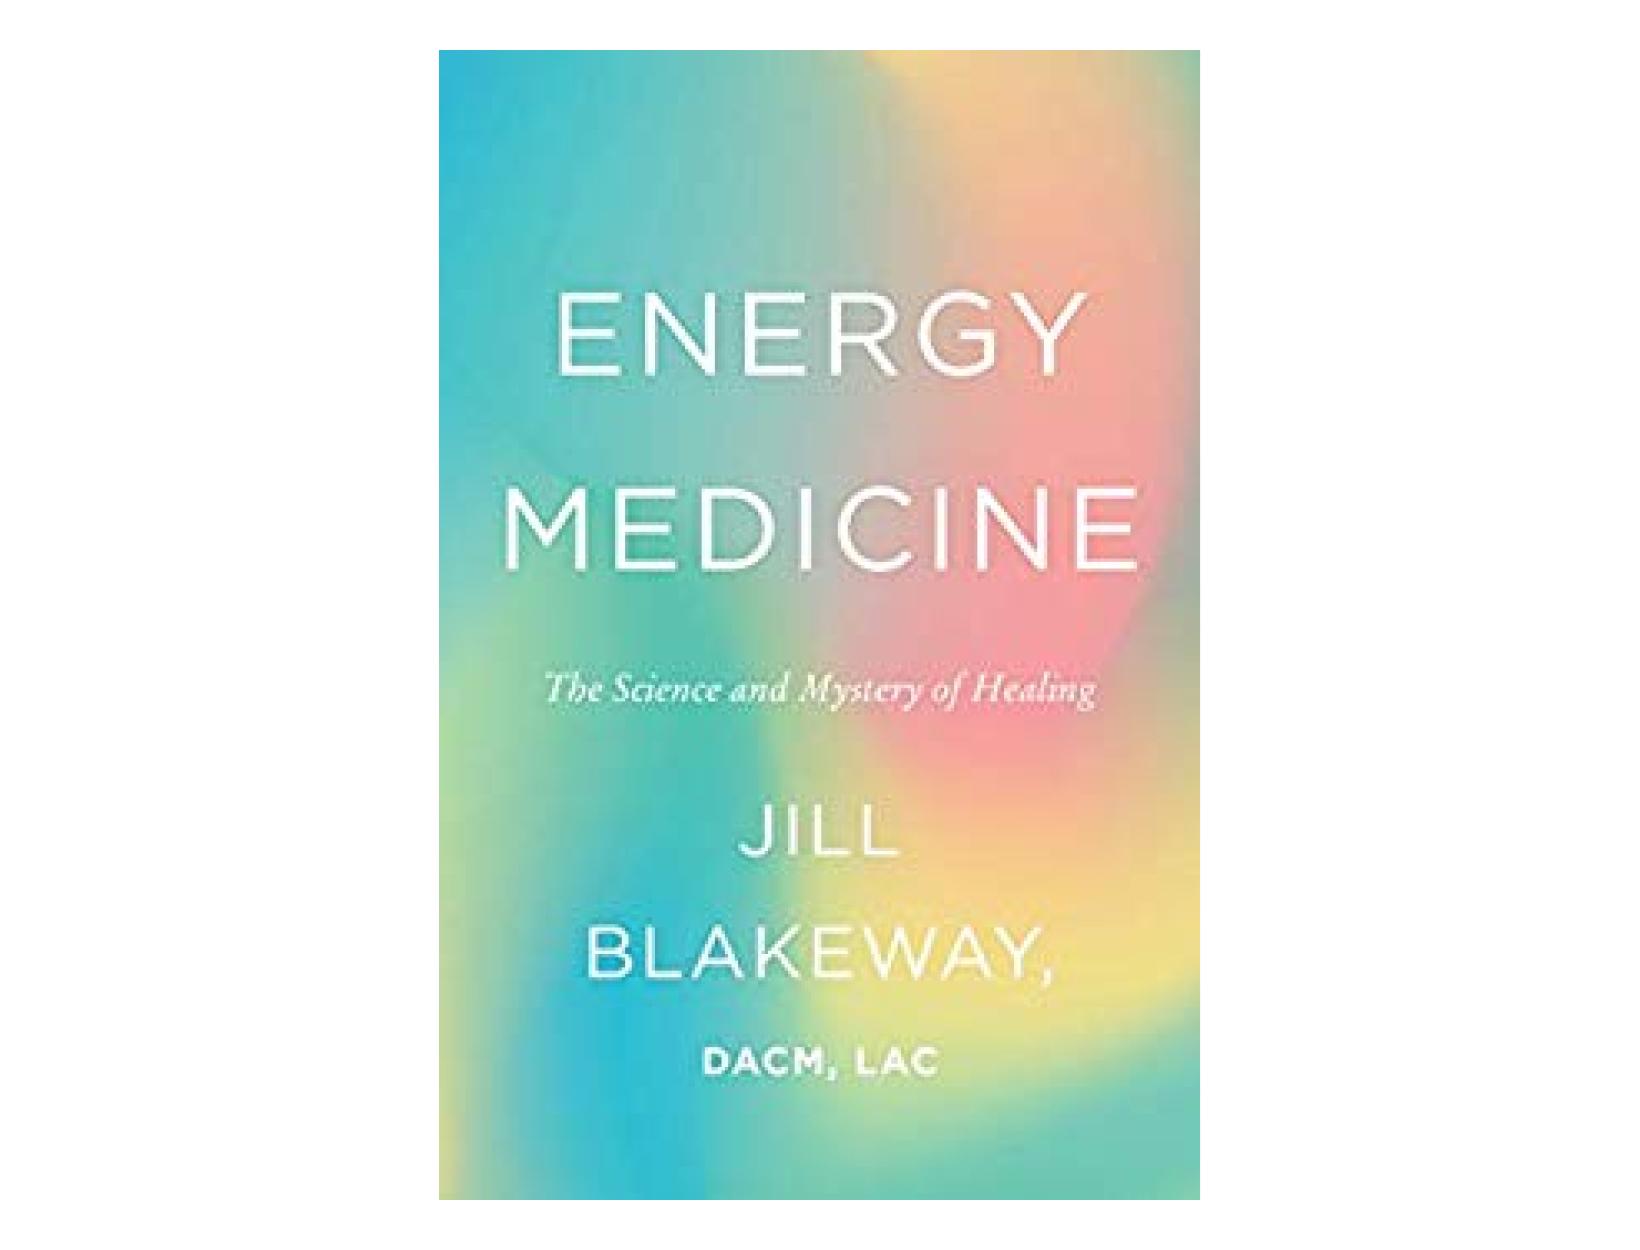 <em>Energy Medicine</em> by Jill Blakeway, DACM, LAc